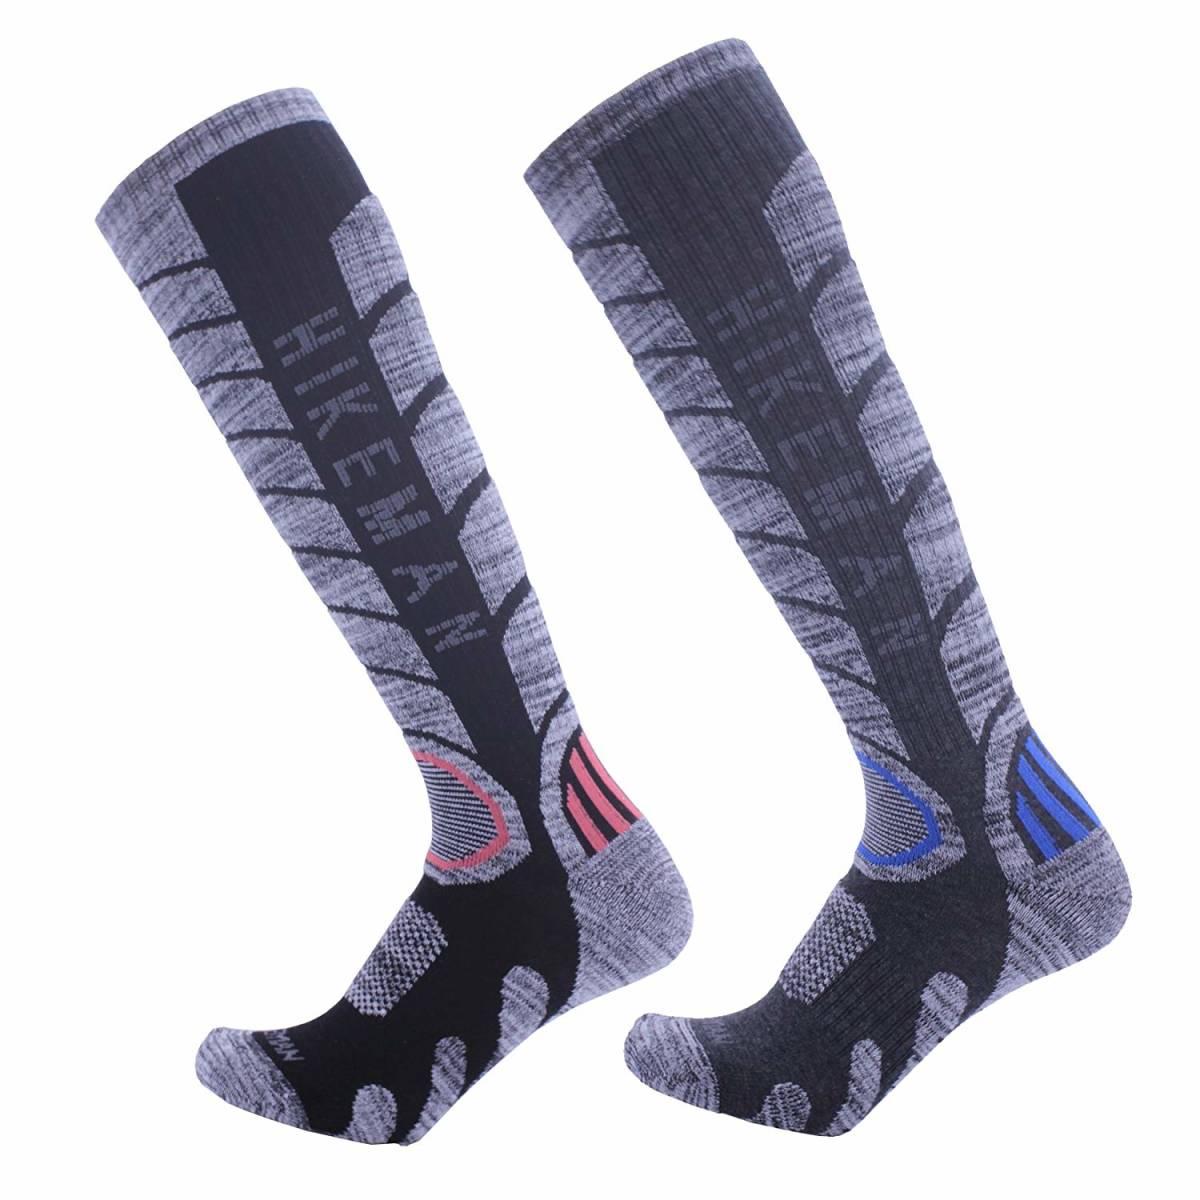 【新品未使用】【訳アリ】HIKEMAN(ハイク マン) サイズ24.5-28 メンズ トレッキングソックス 防寒ソックス 登山 スキー 男性 靴下 2足入り _画像1